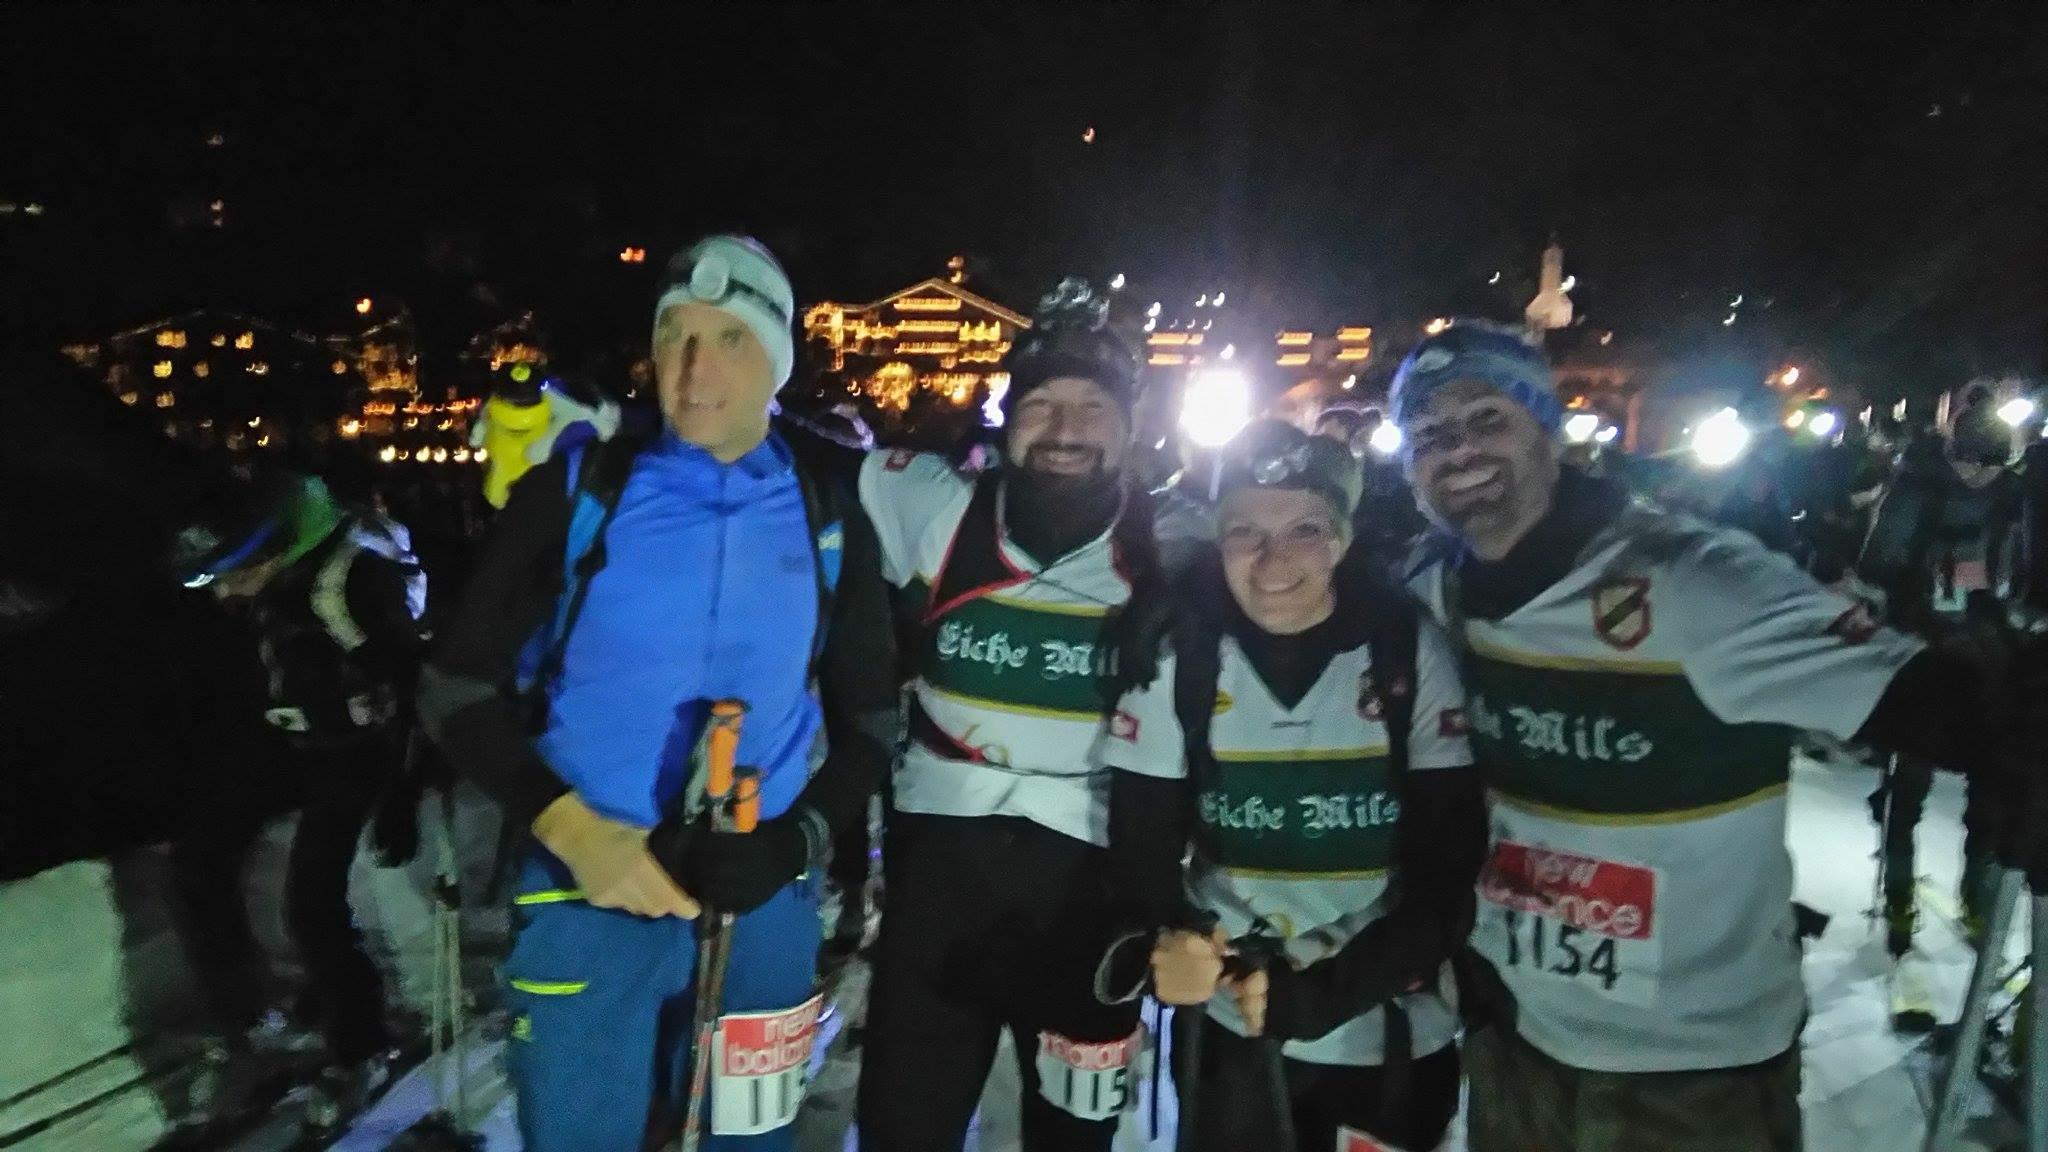 160303-100kg-skitouren-rennen-ahrntal-08